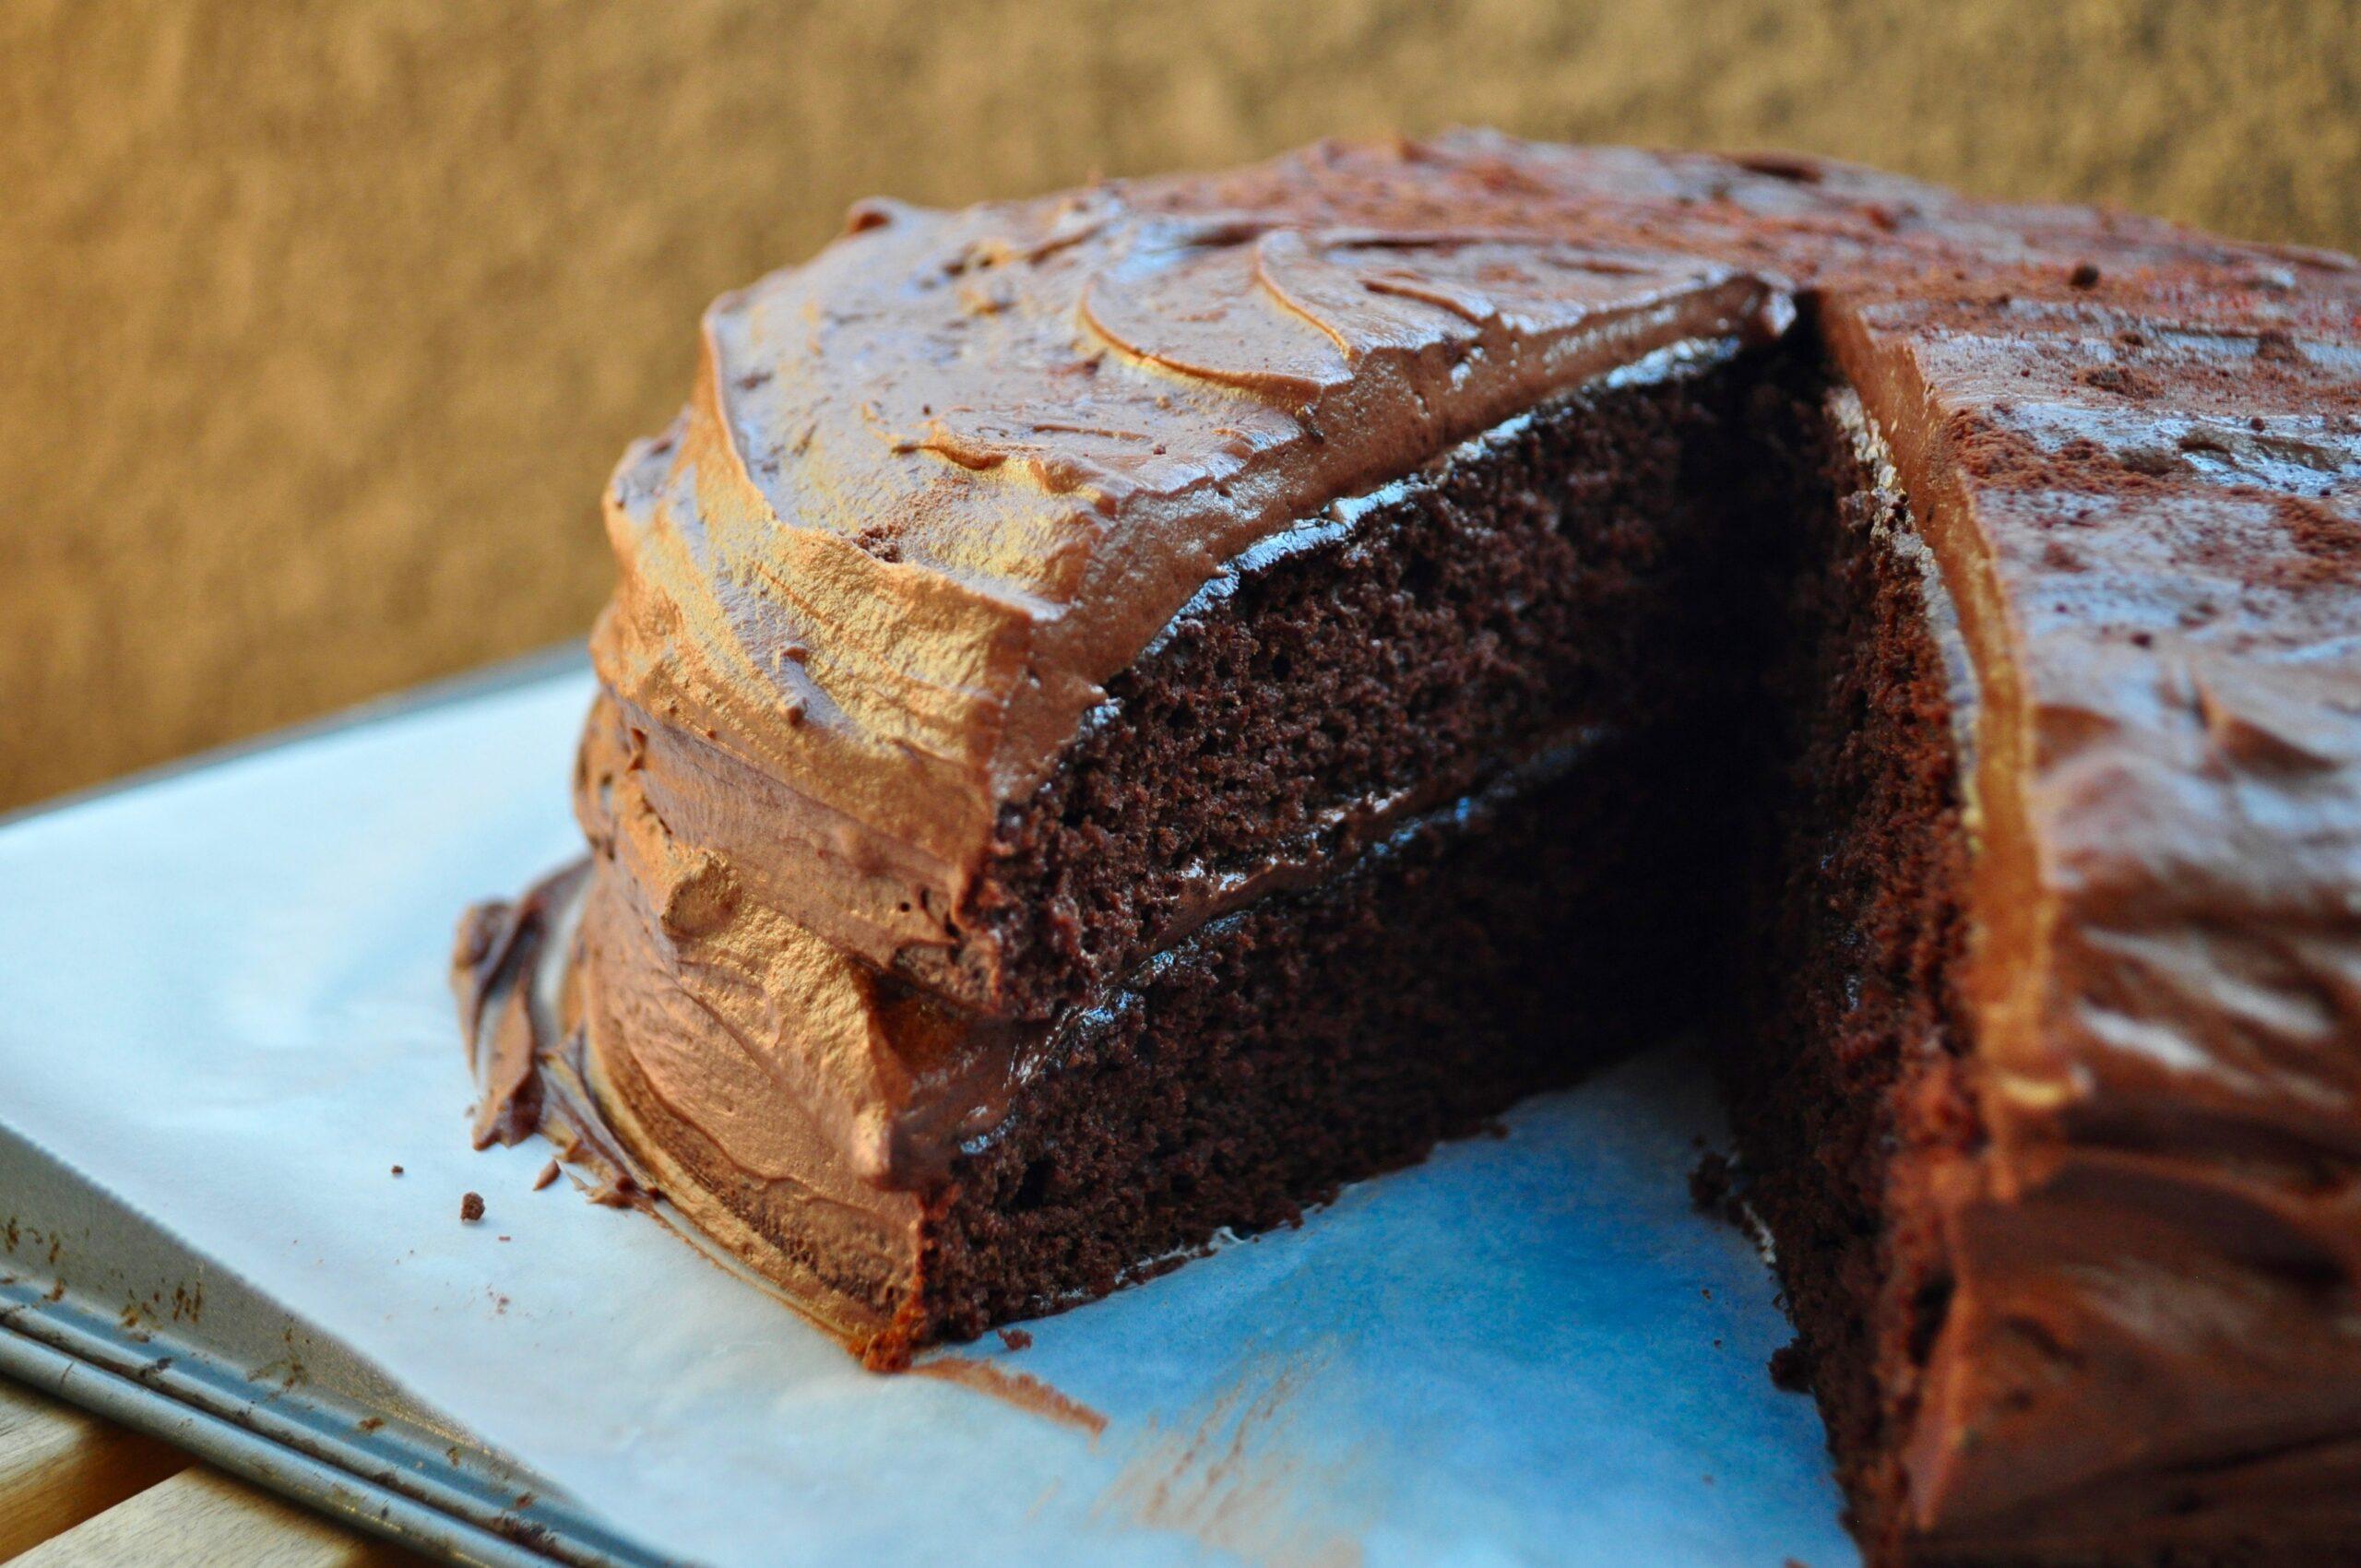 Kiss & Make-Up Salted Espresso Chocolate Cake